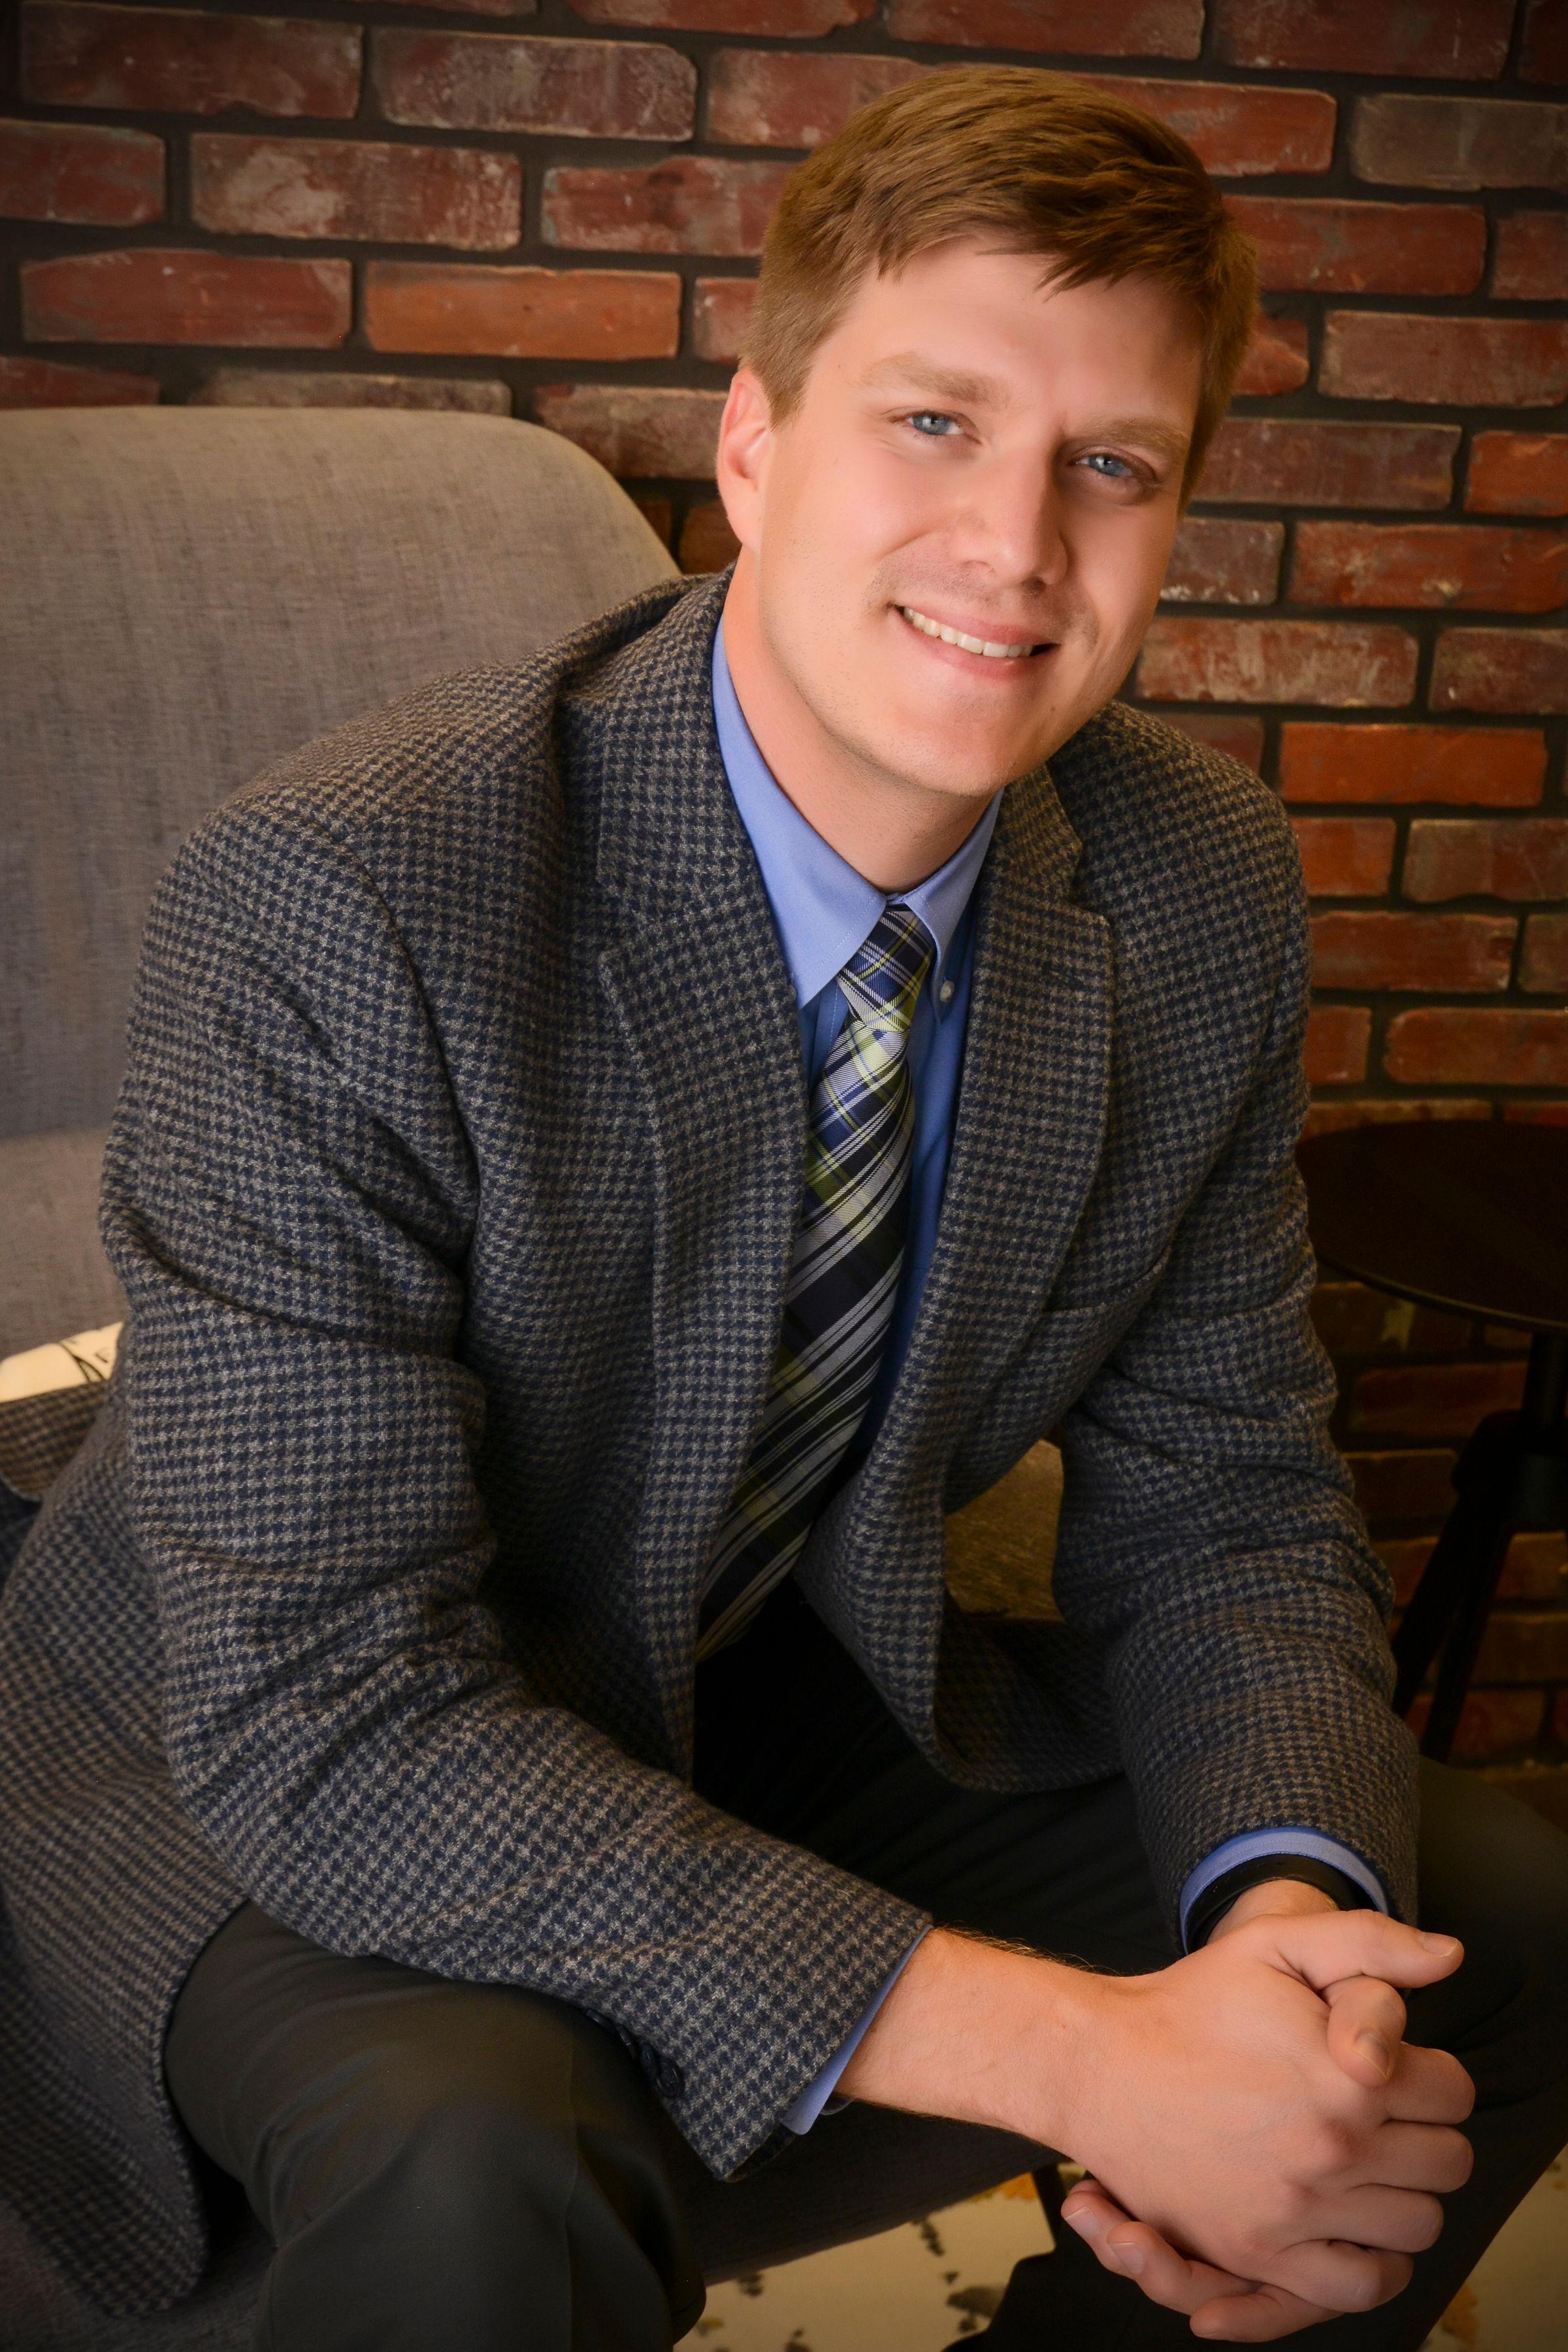 Joe Puckett, PE, LEED AP